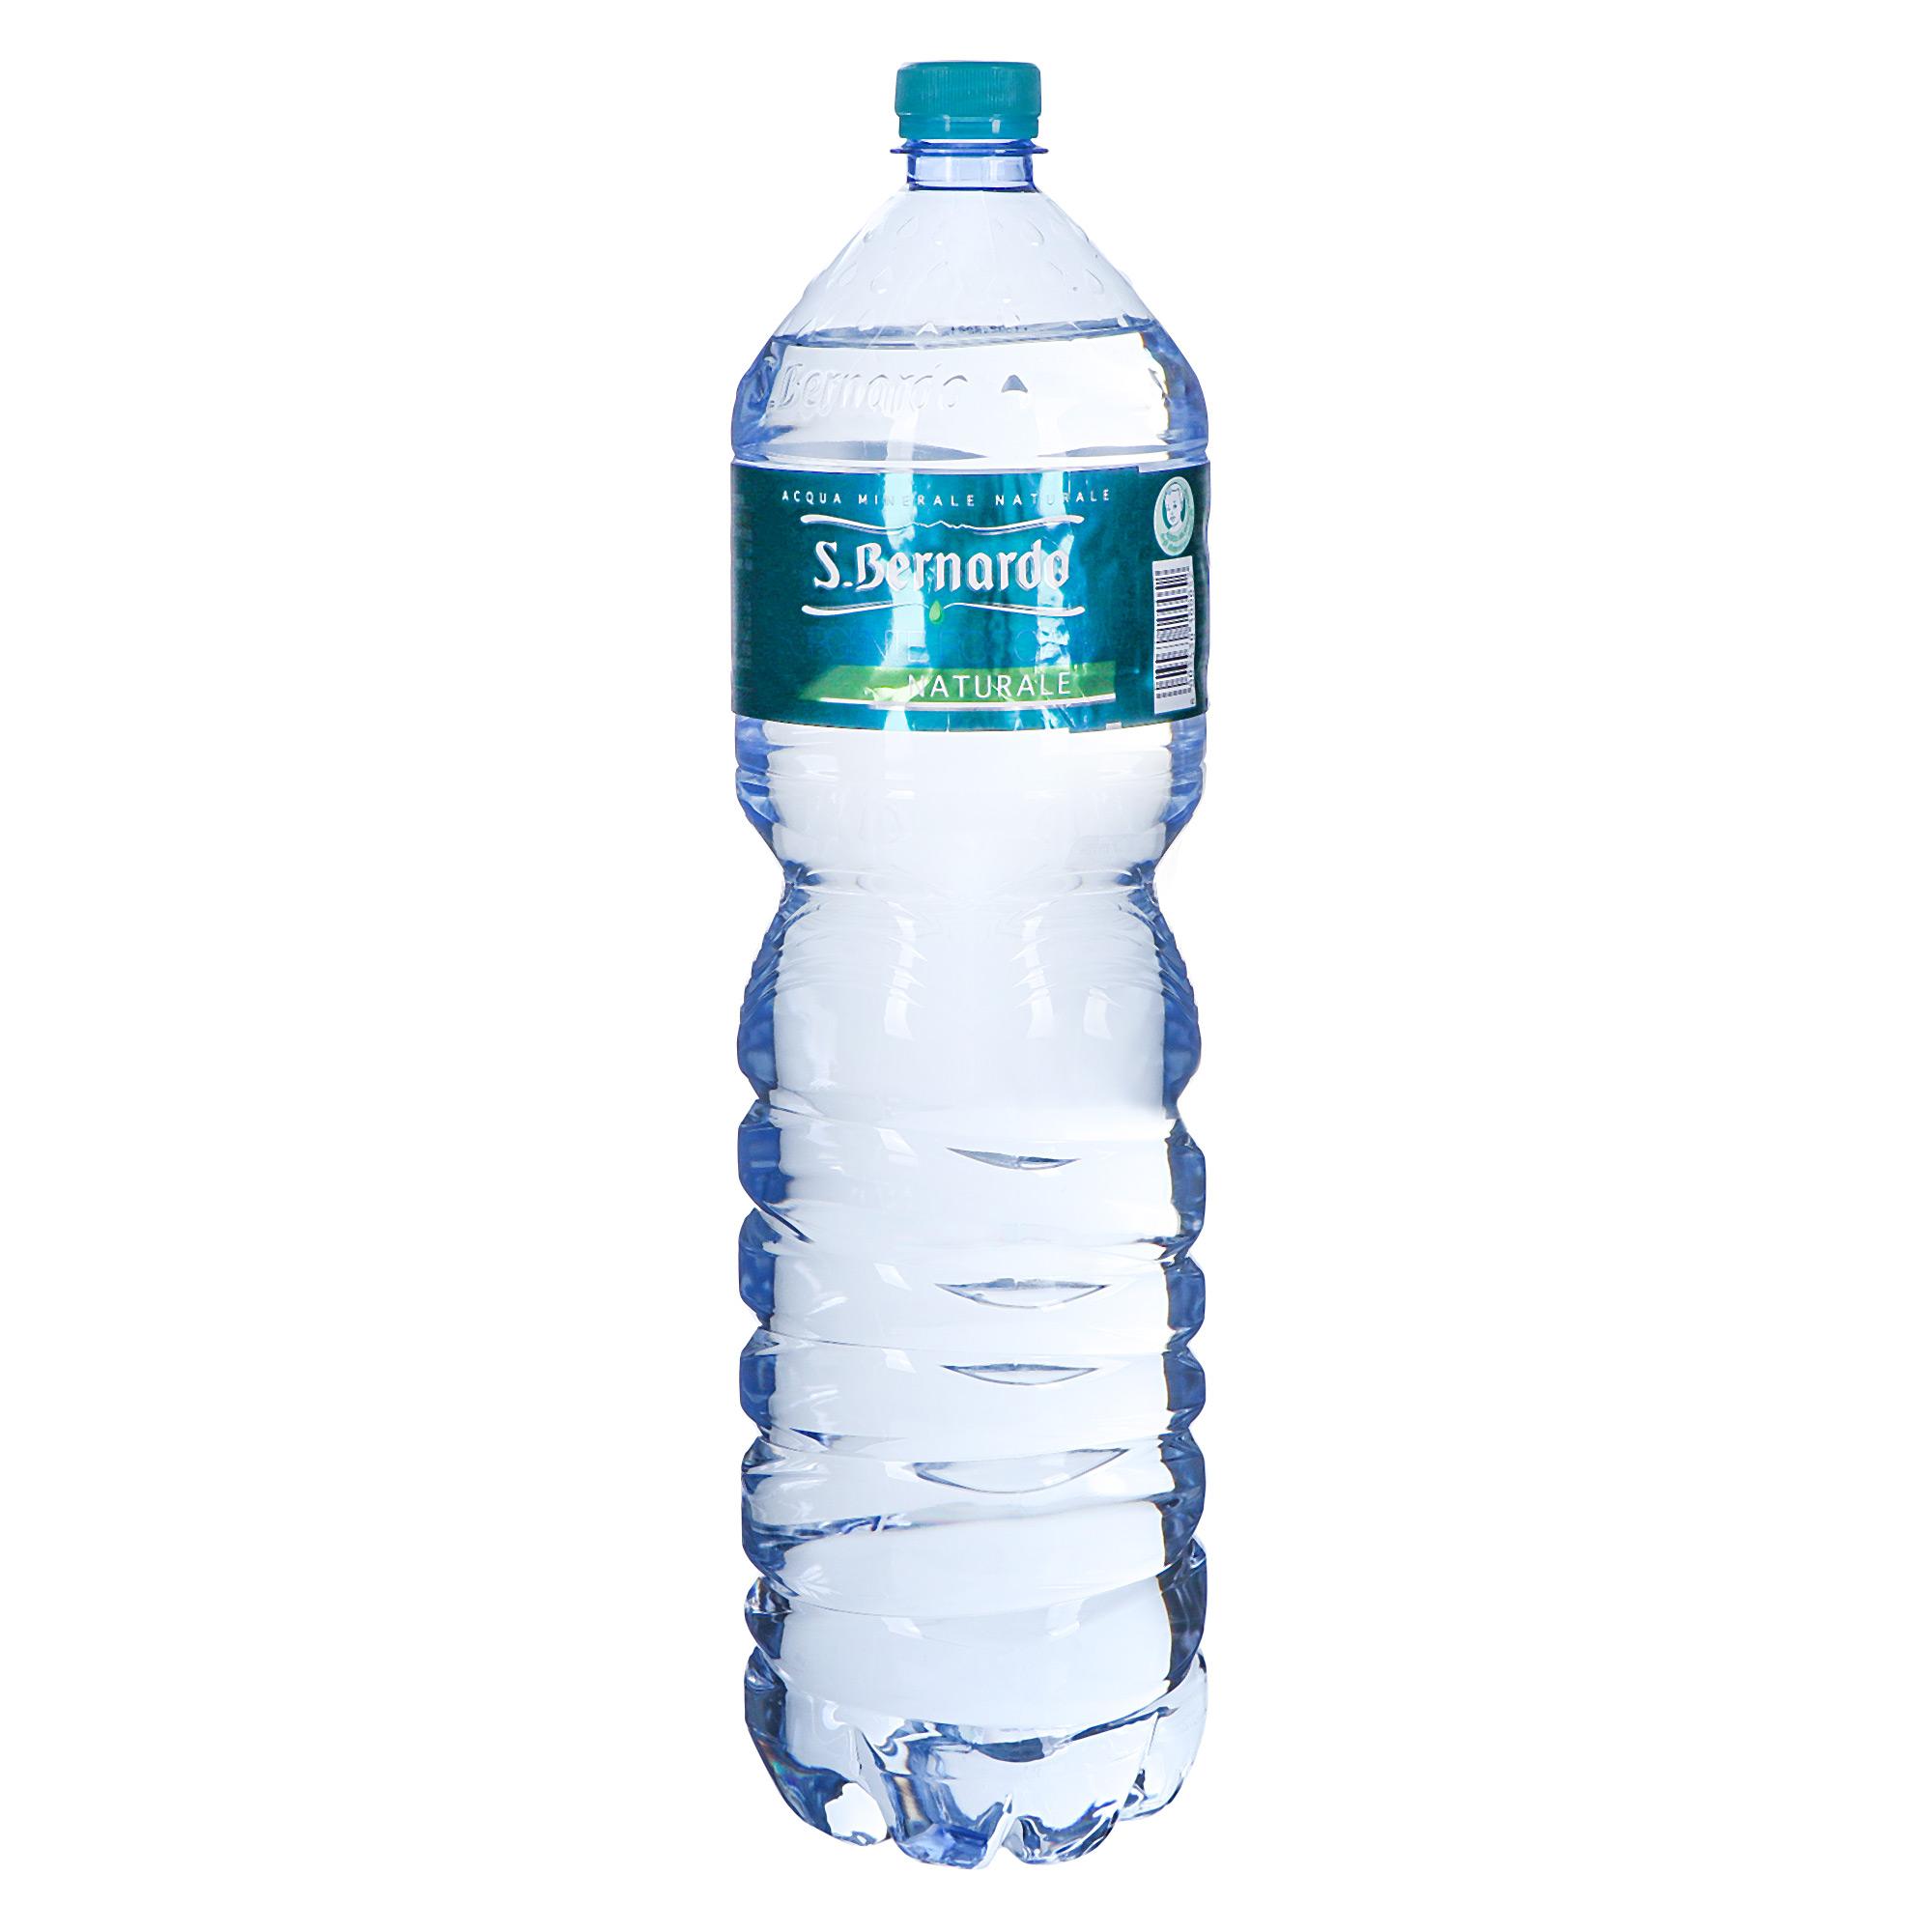 Вода San Bernardo негазированная 2 л вода san bernardo газированная 1 л